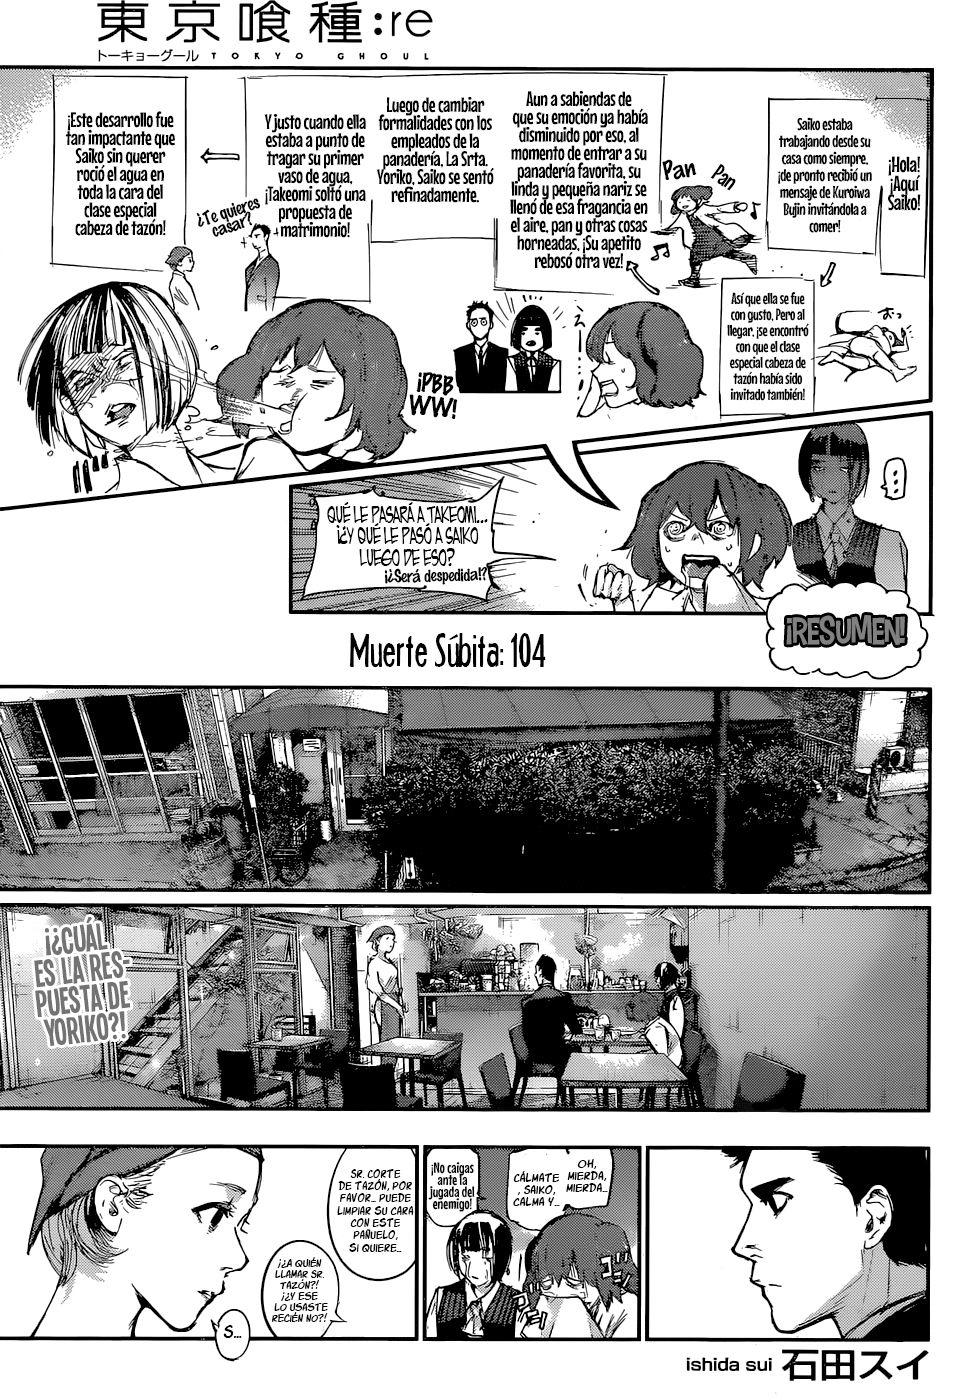 http://c5.ninemanga.com/es_manga/pic2/59/59/525294/533fa796b43291fc61a9e812a50c3fb6.jpg Page 2